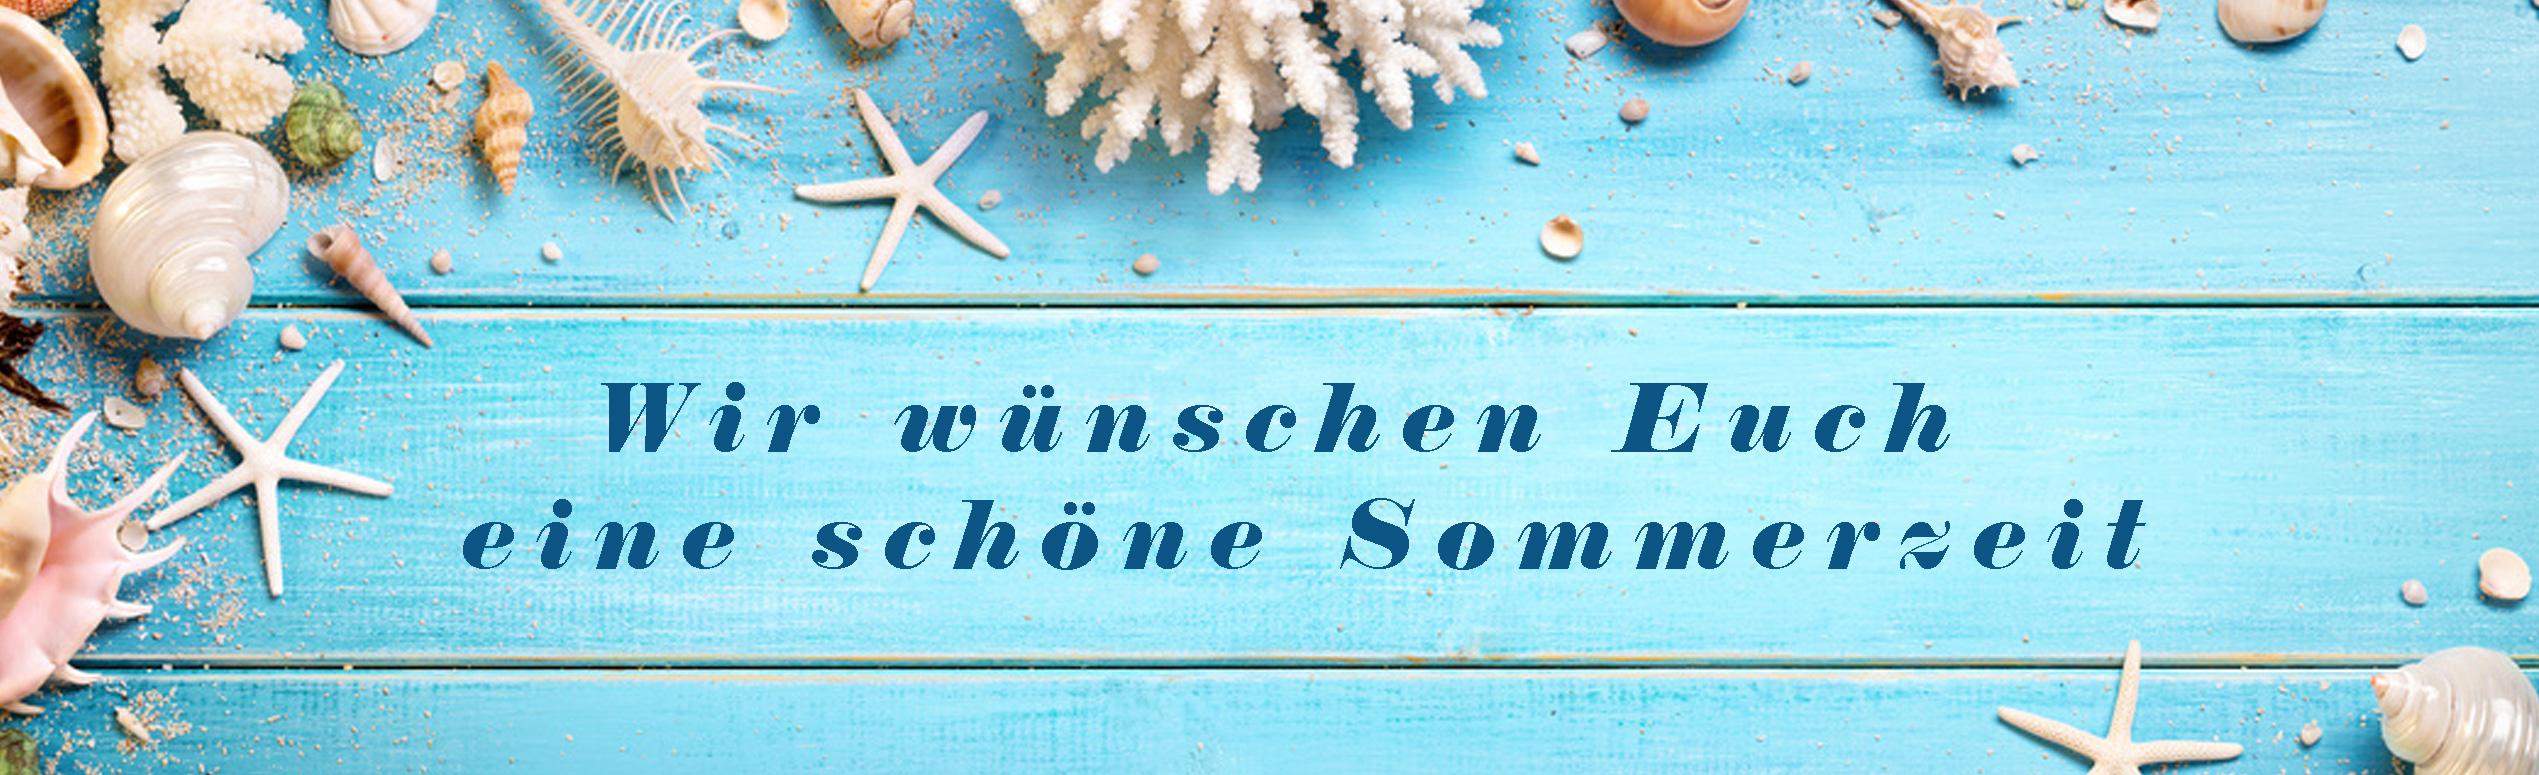 Web_Banner_1904x581px_2017_Sommerzeit